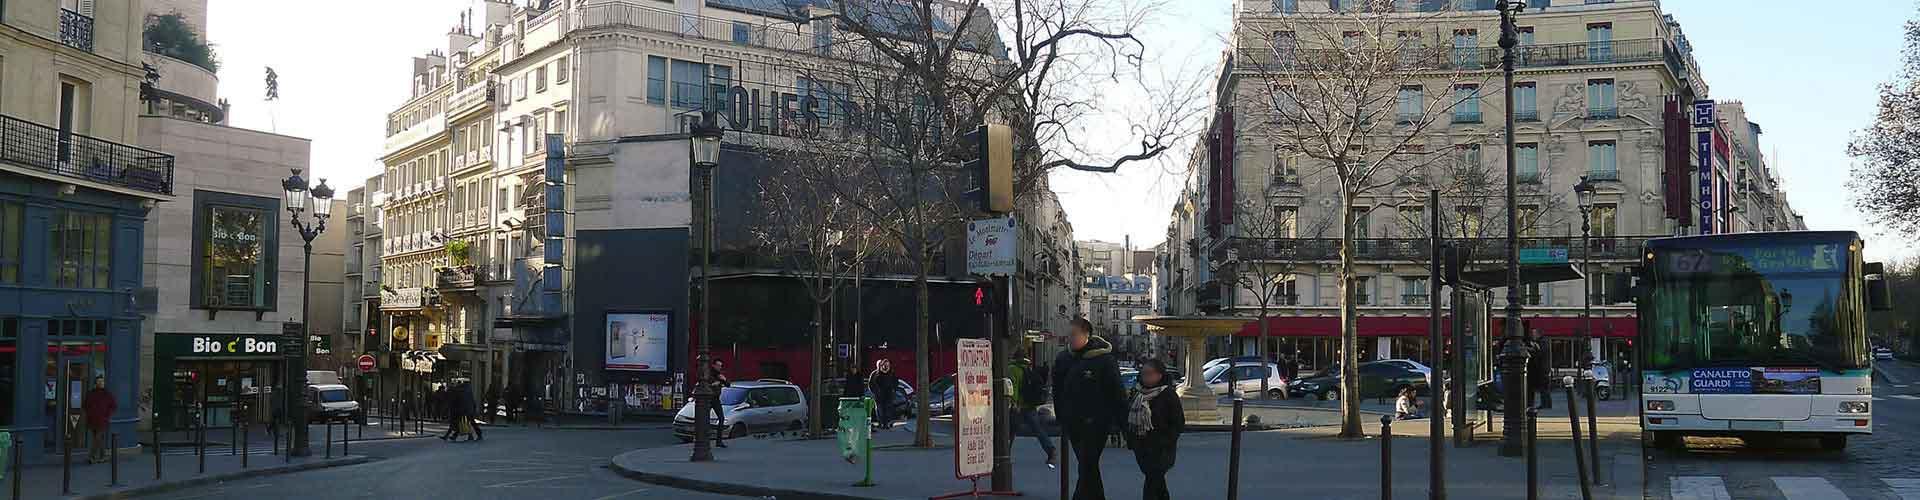 Pariisi – Hostellit kaupungiosassa Pigalle. Pariisi -karttoja, valokuvia ja arvosteluja kaikista Pariisi -hostelleista.